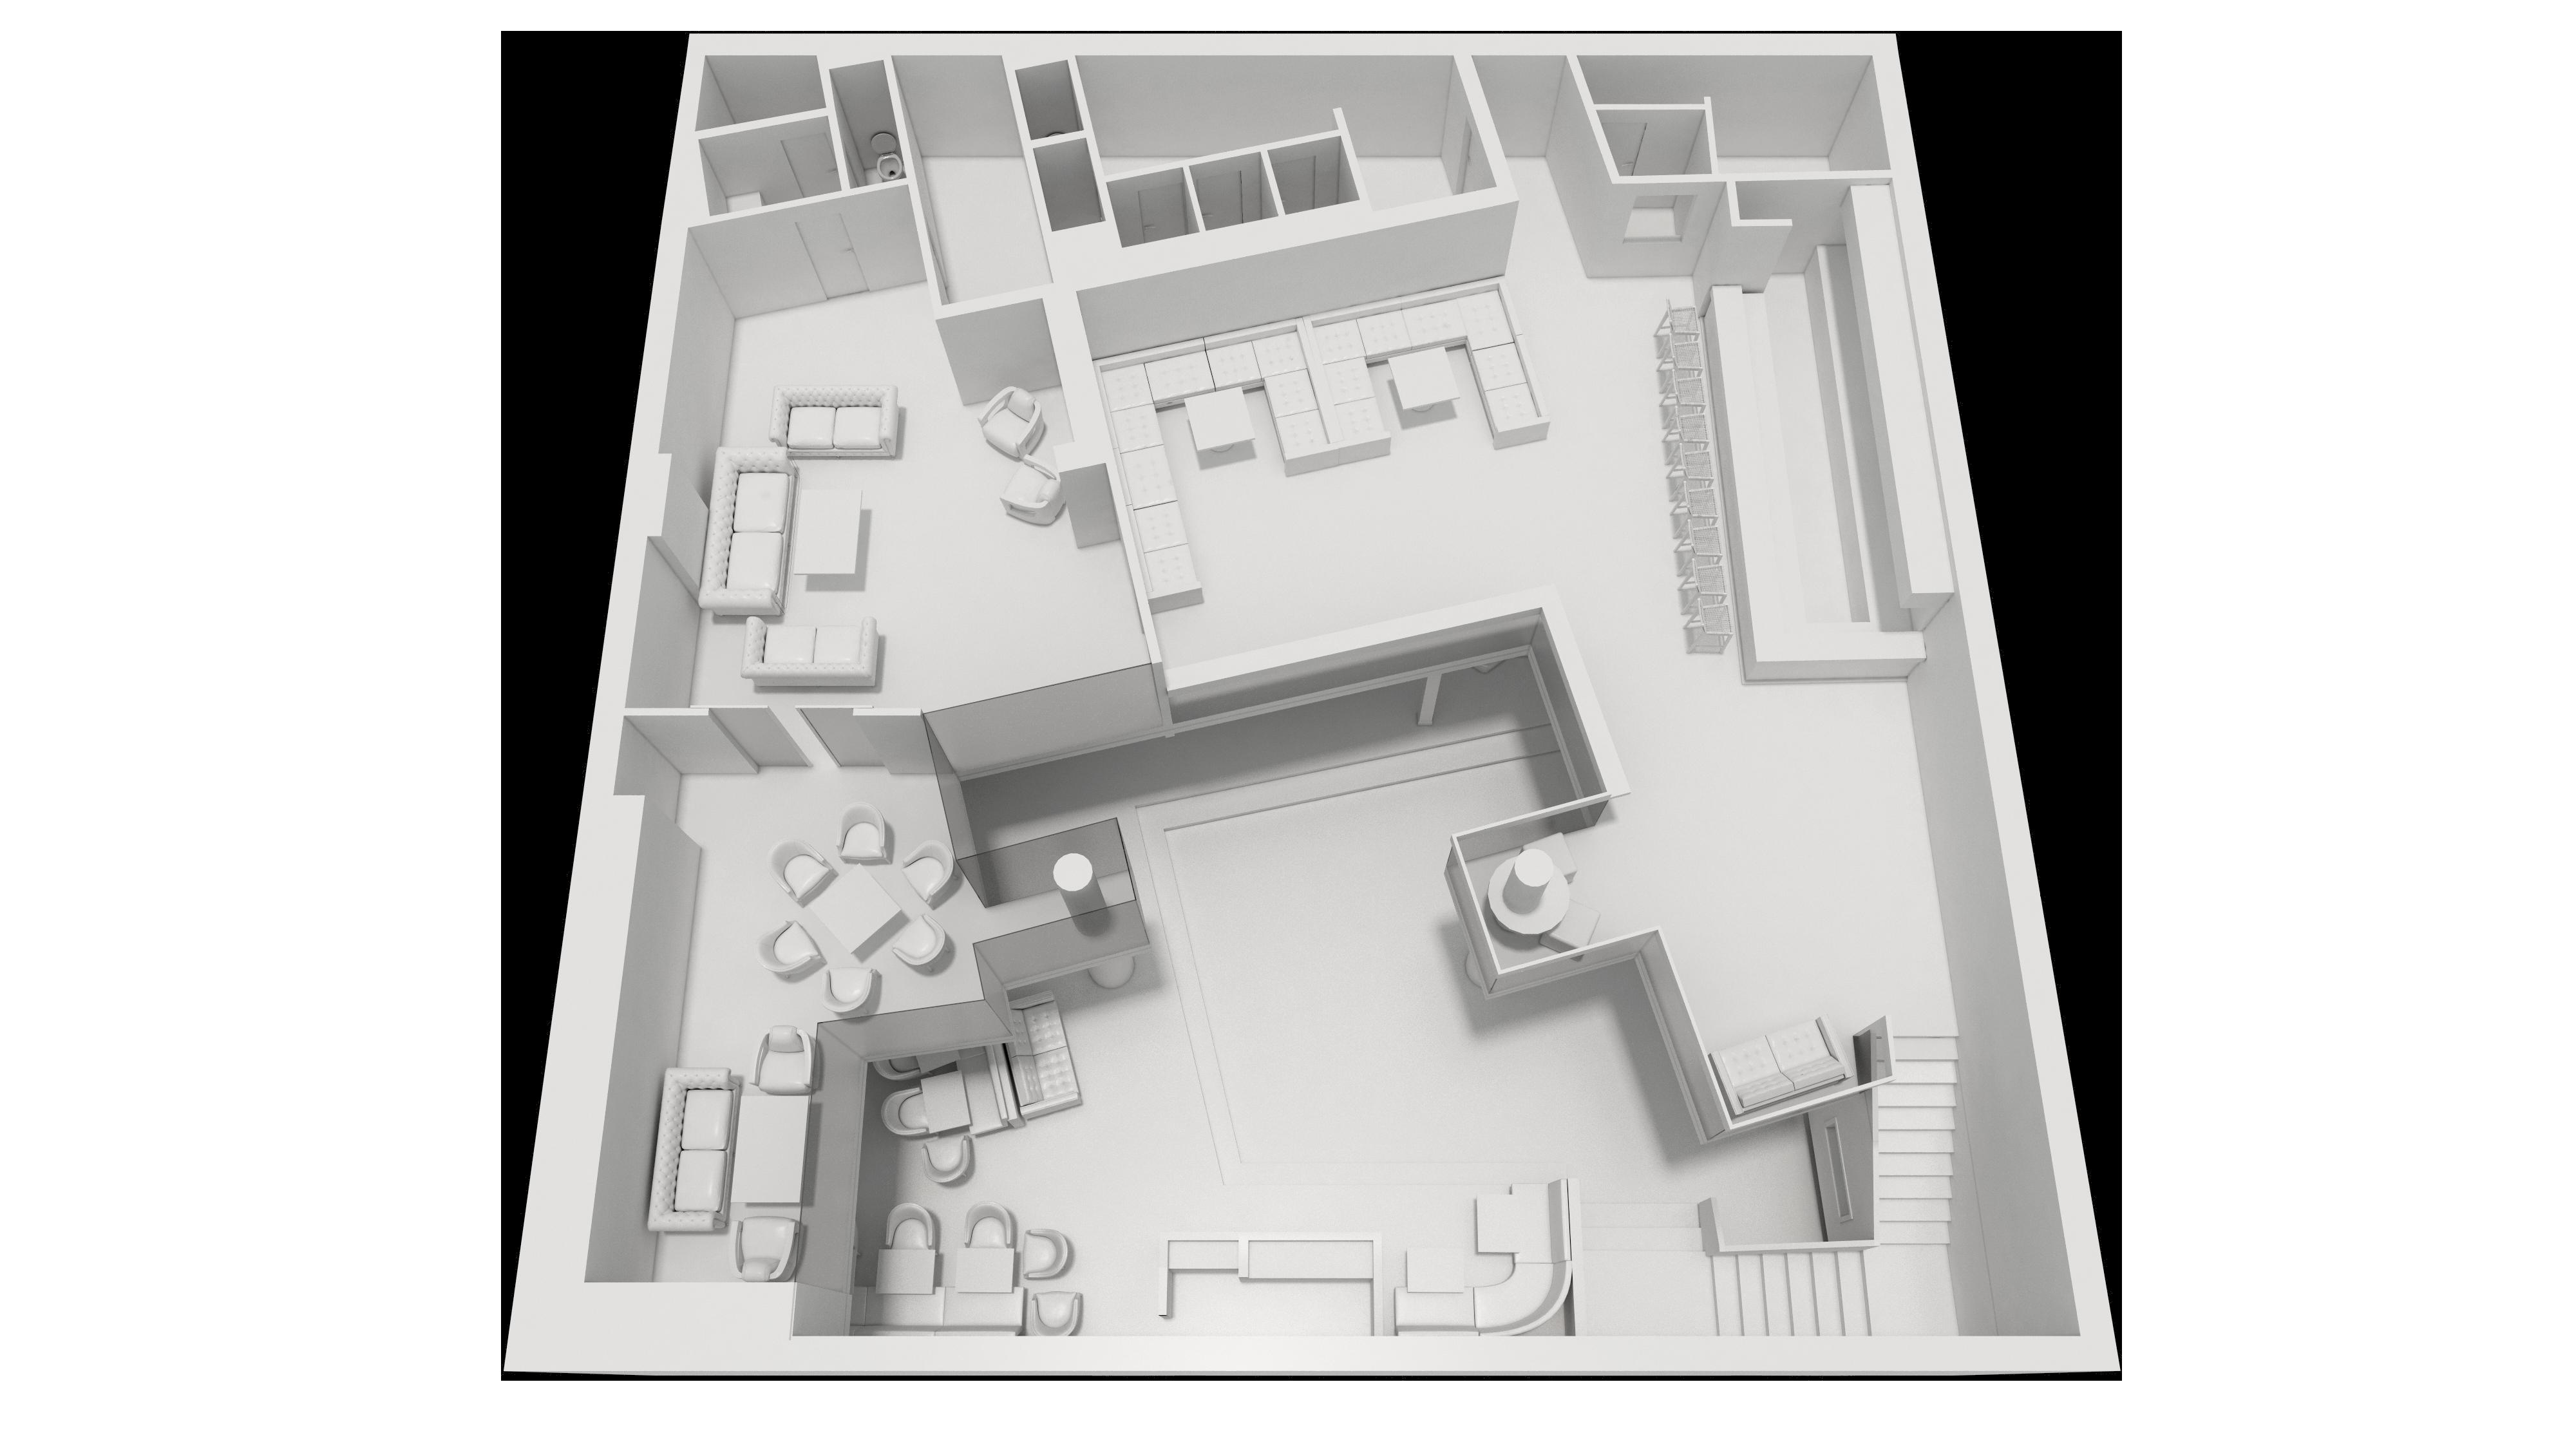 Felső szint | Upper floor